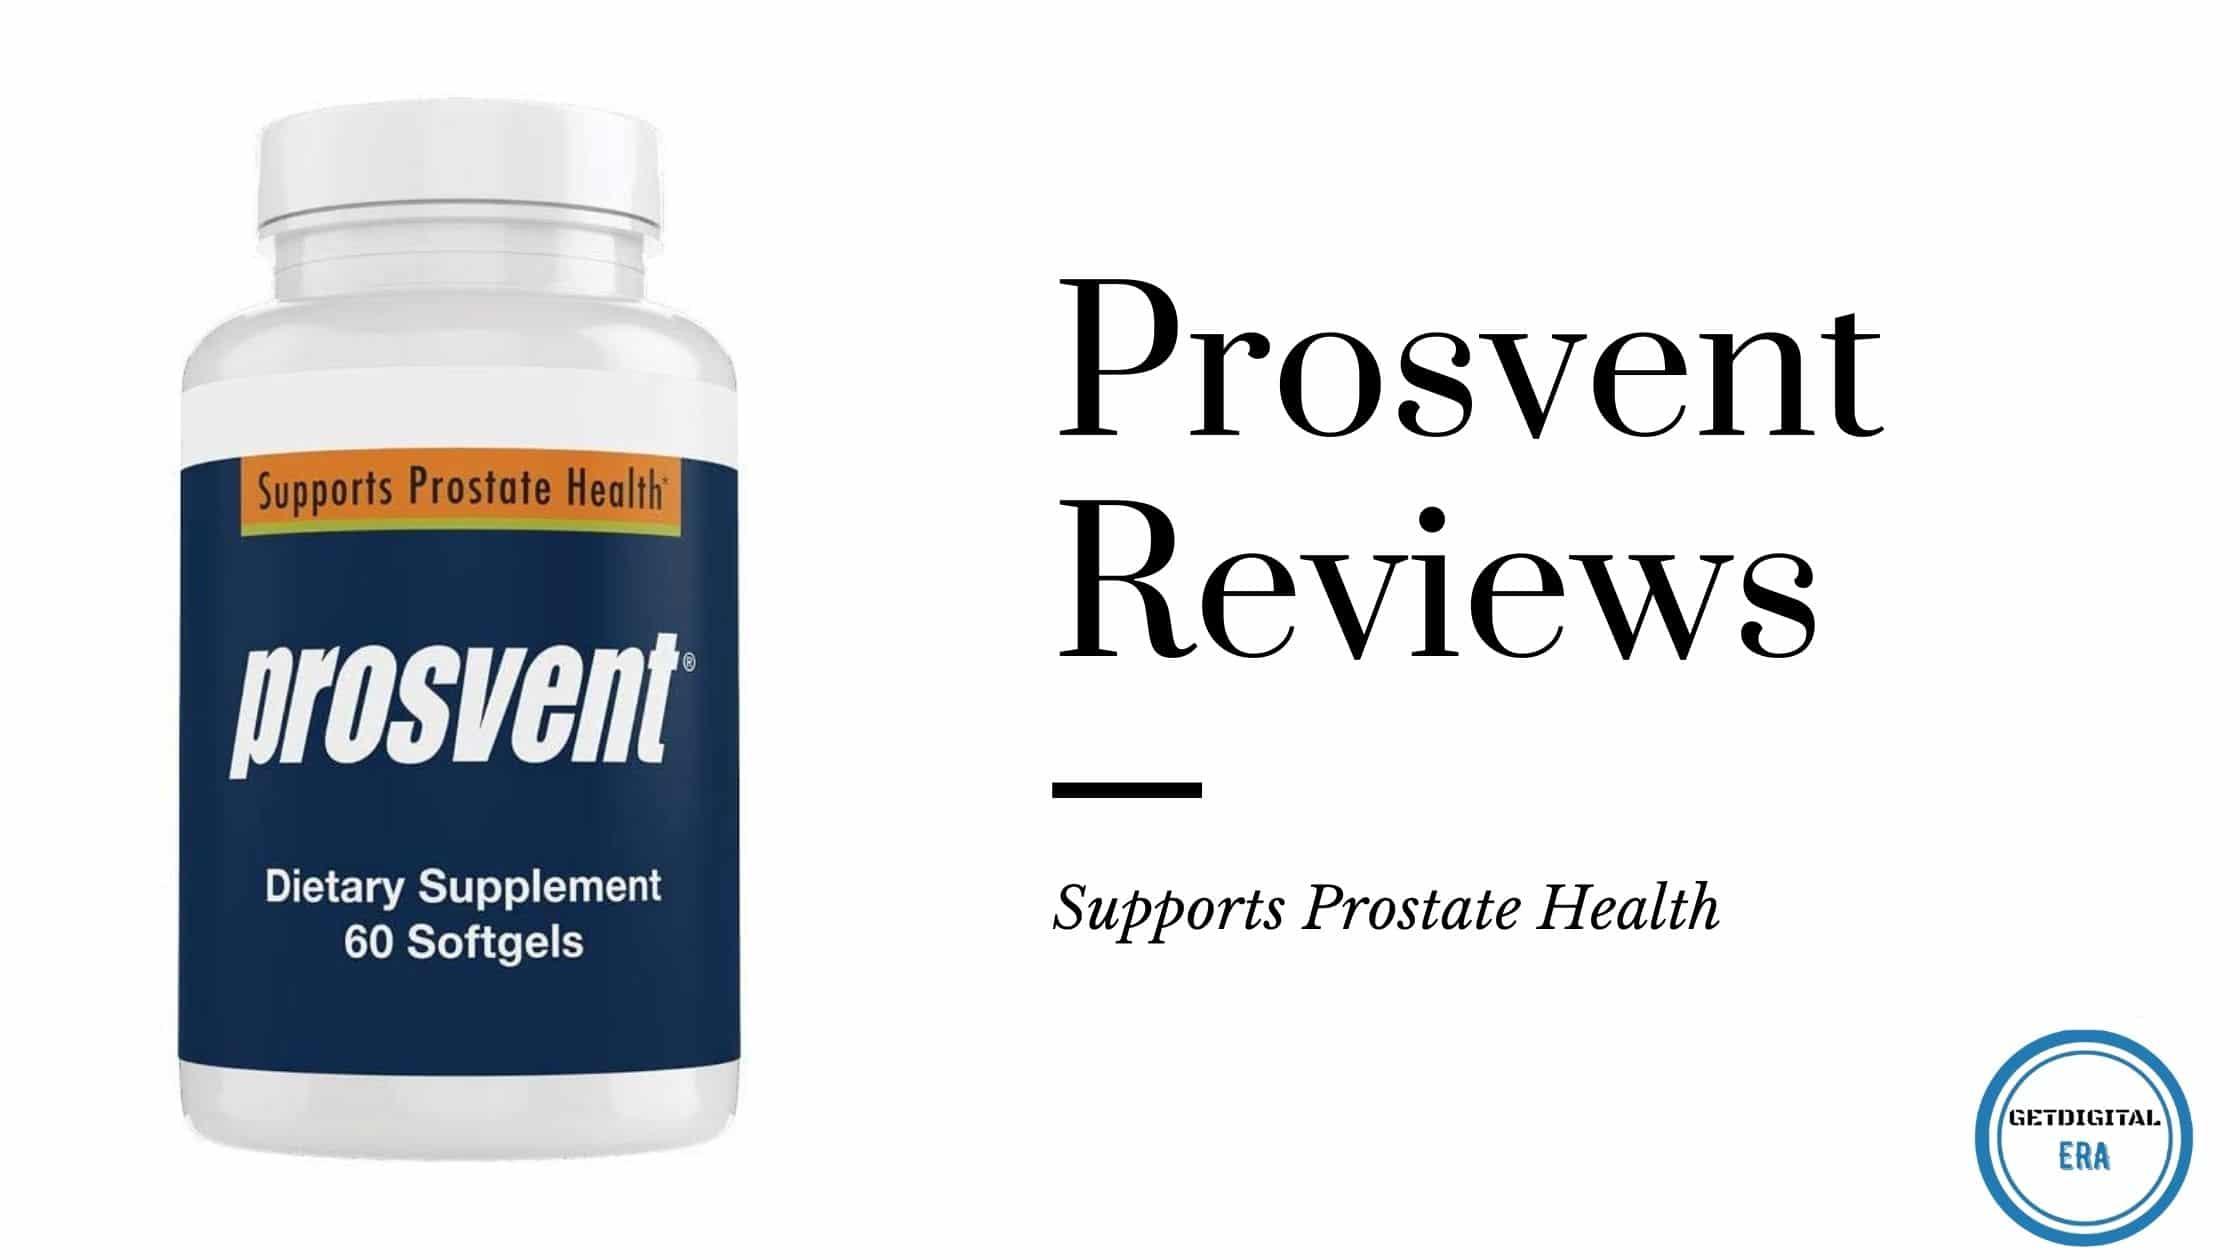 Prosvent Reviews